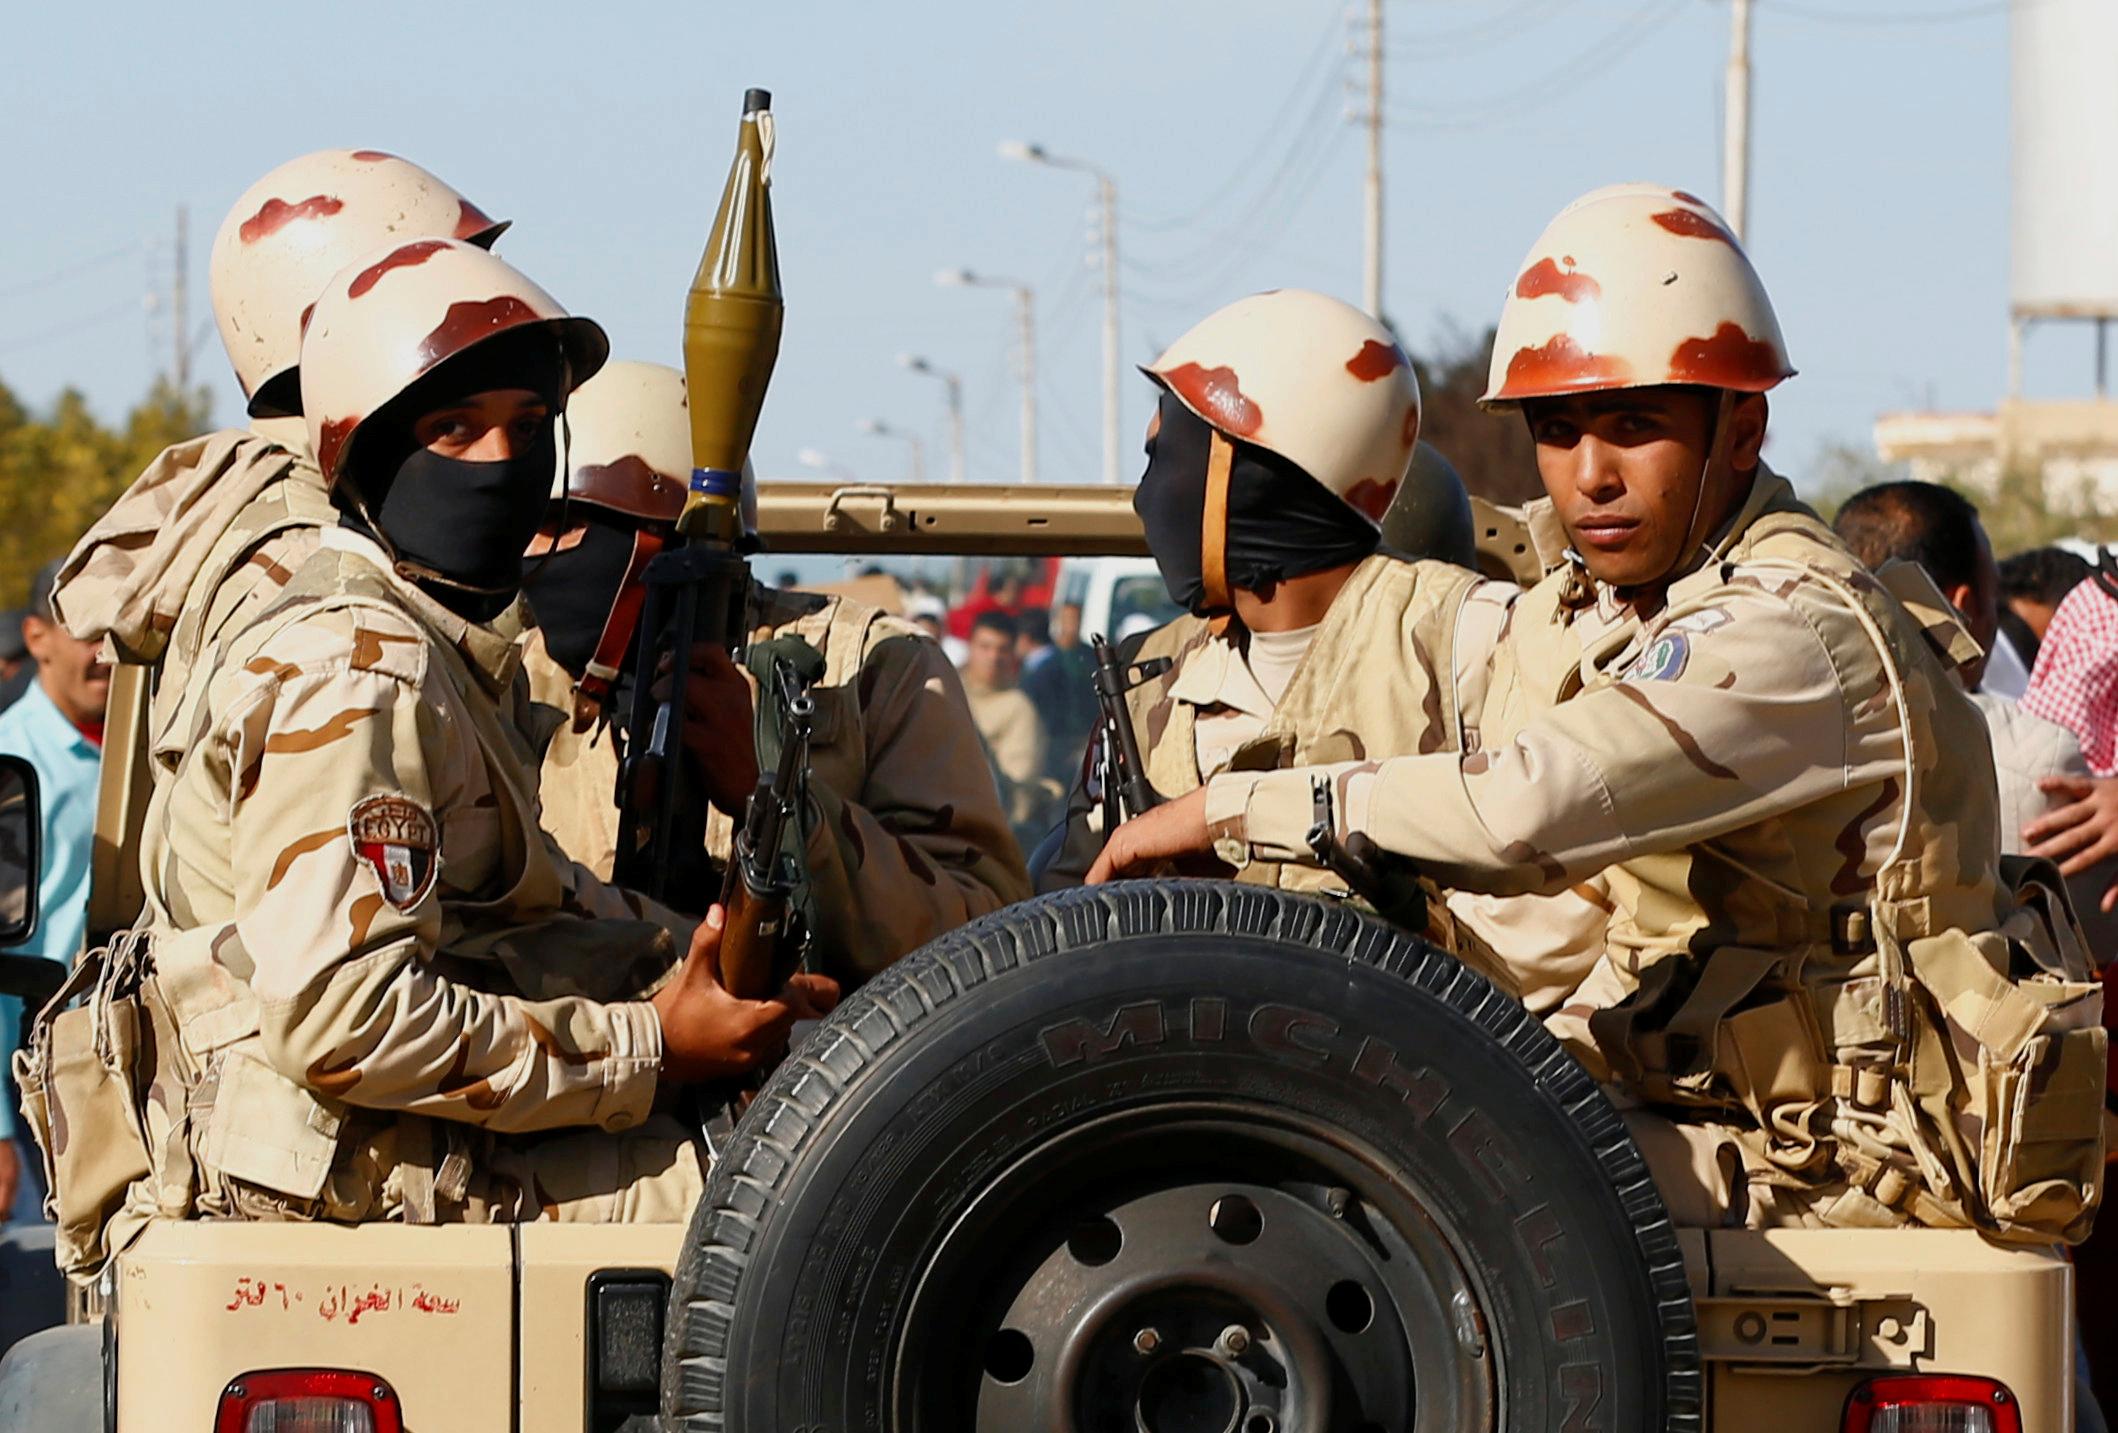 Ilustracija: Egipatske sigurnosne snage na pobunjenom sjeveru Sinajskog poluotoka